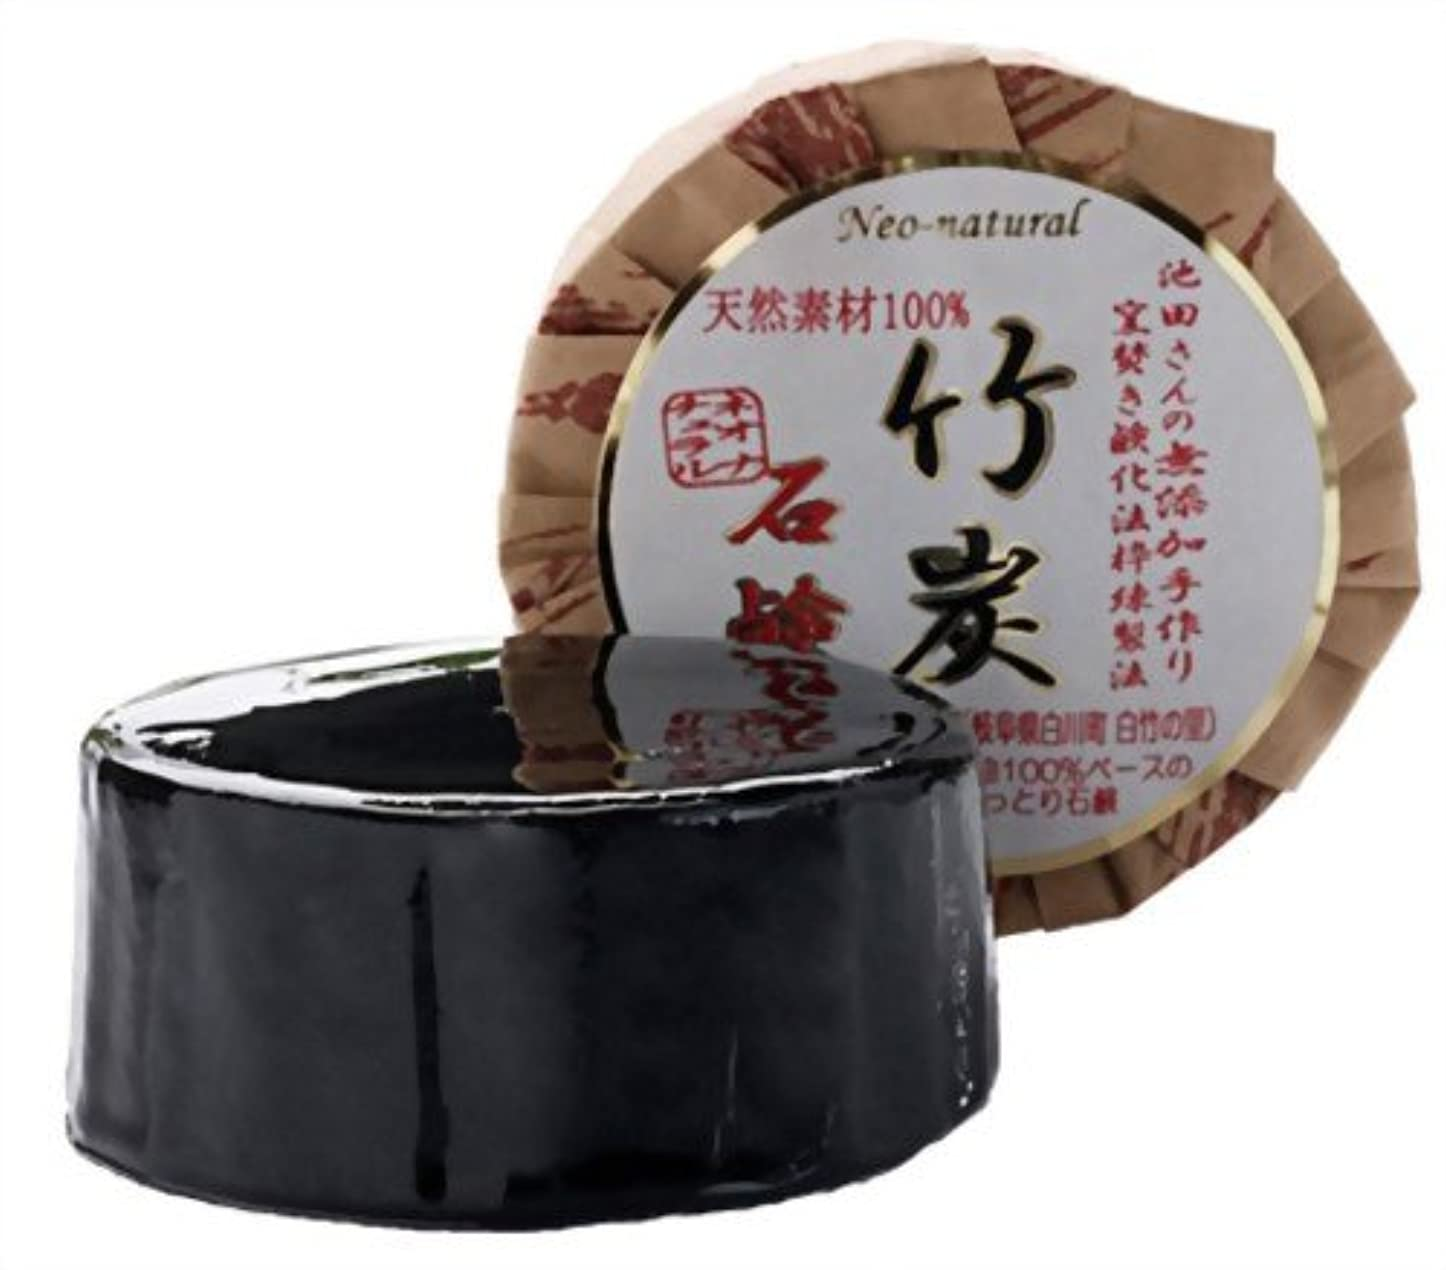 クリスマス上院議員脚本ネオナチュラル 池田さんの竹炭石鹸 105g